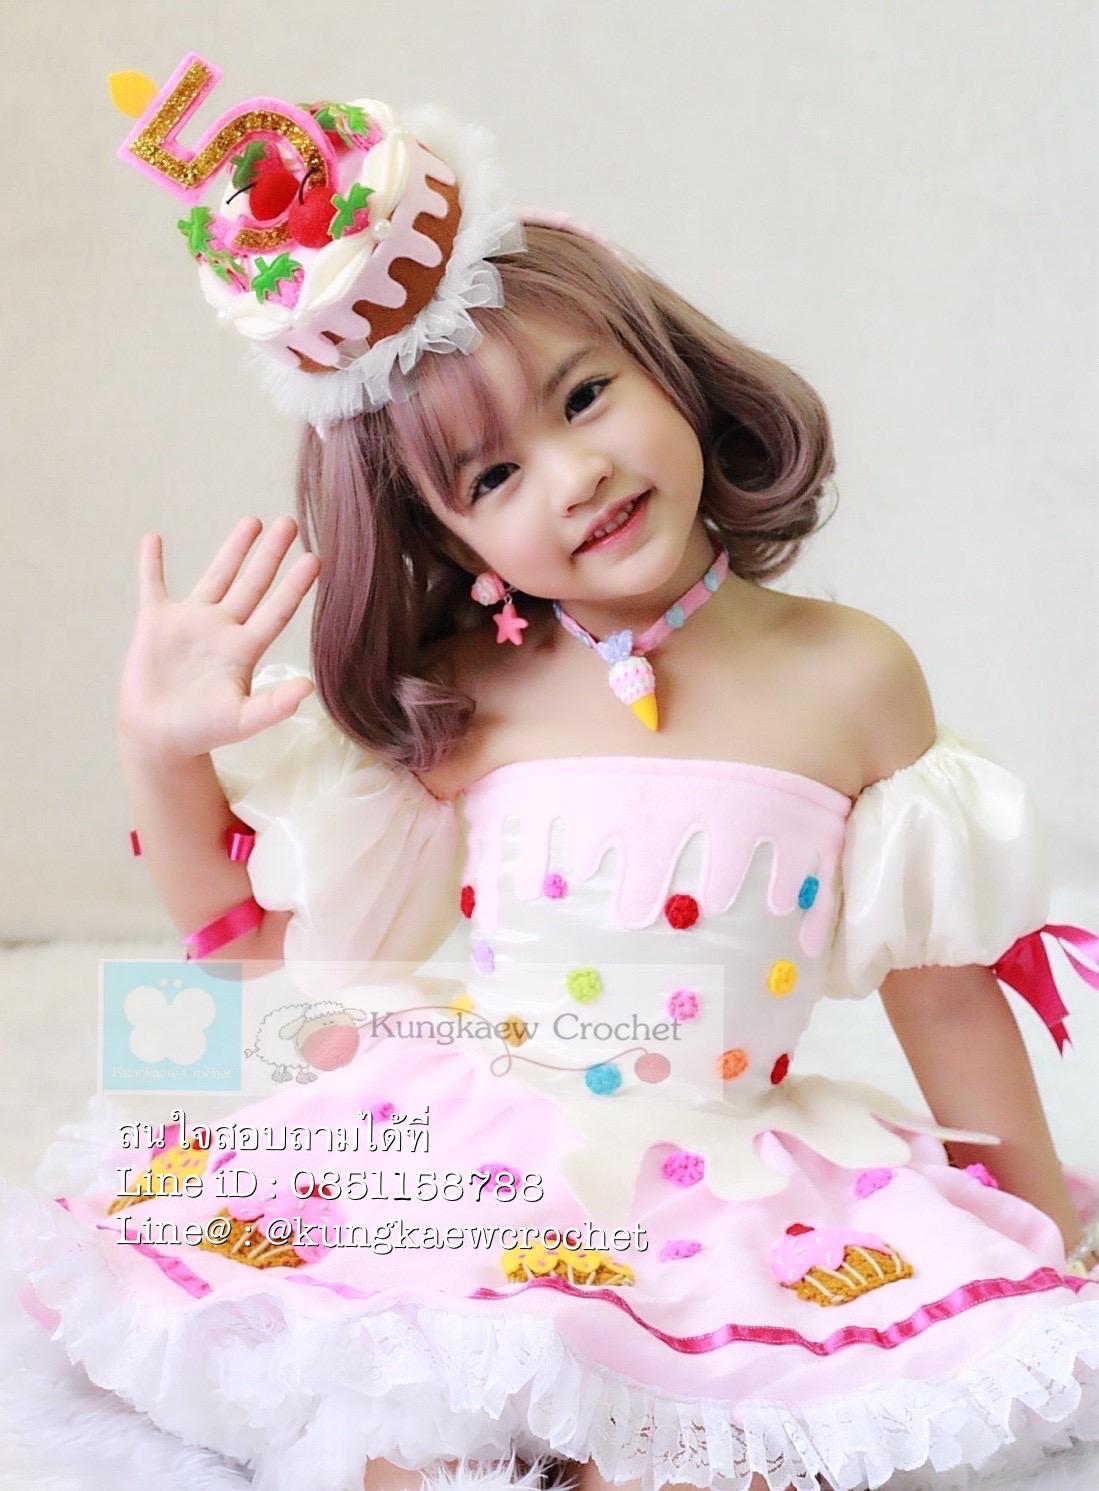 ชุดวันเกิดสาวน้อยวัยใส+คาดผมเค้ก